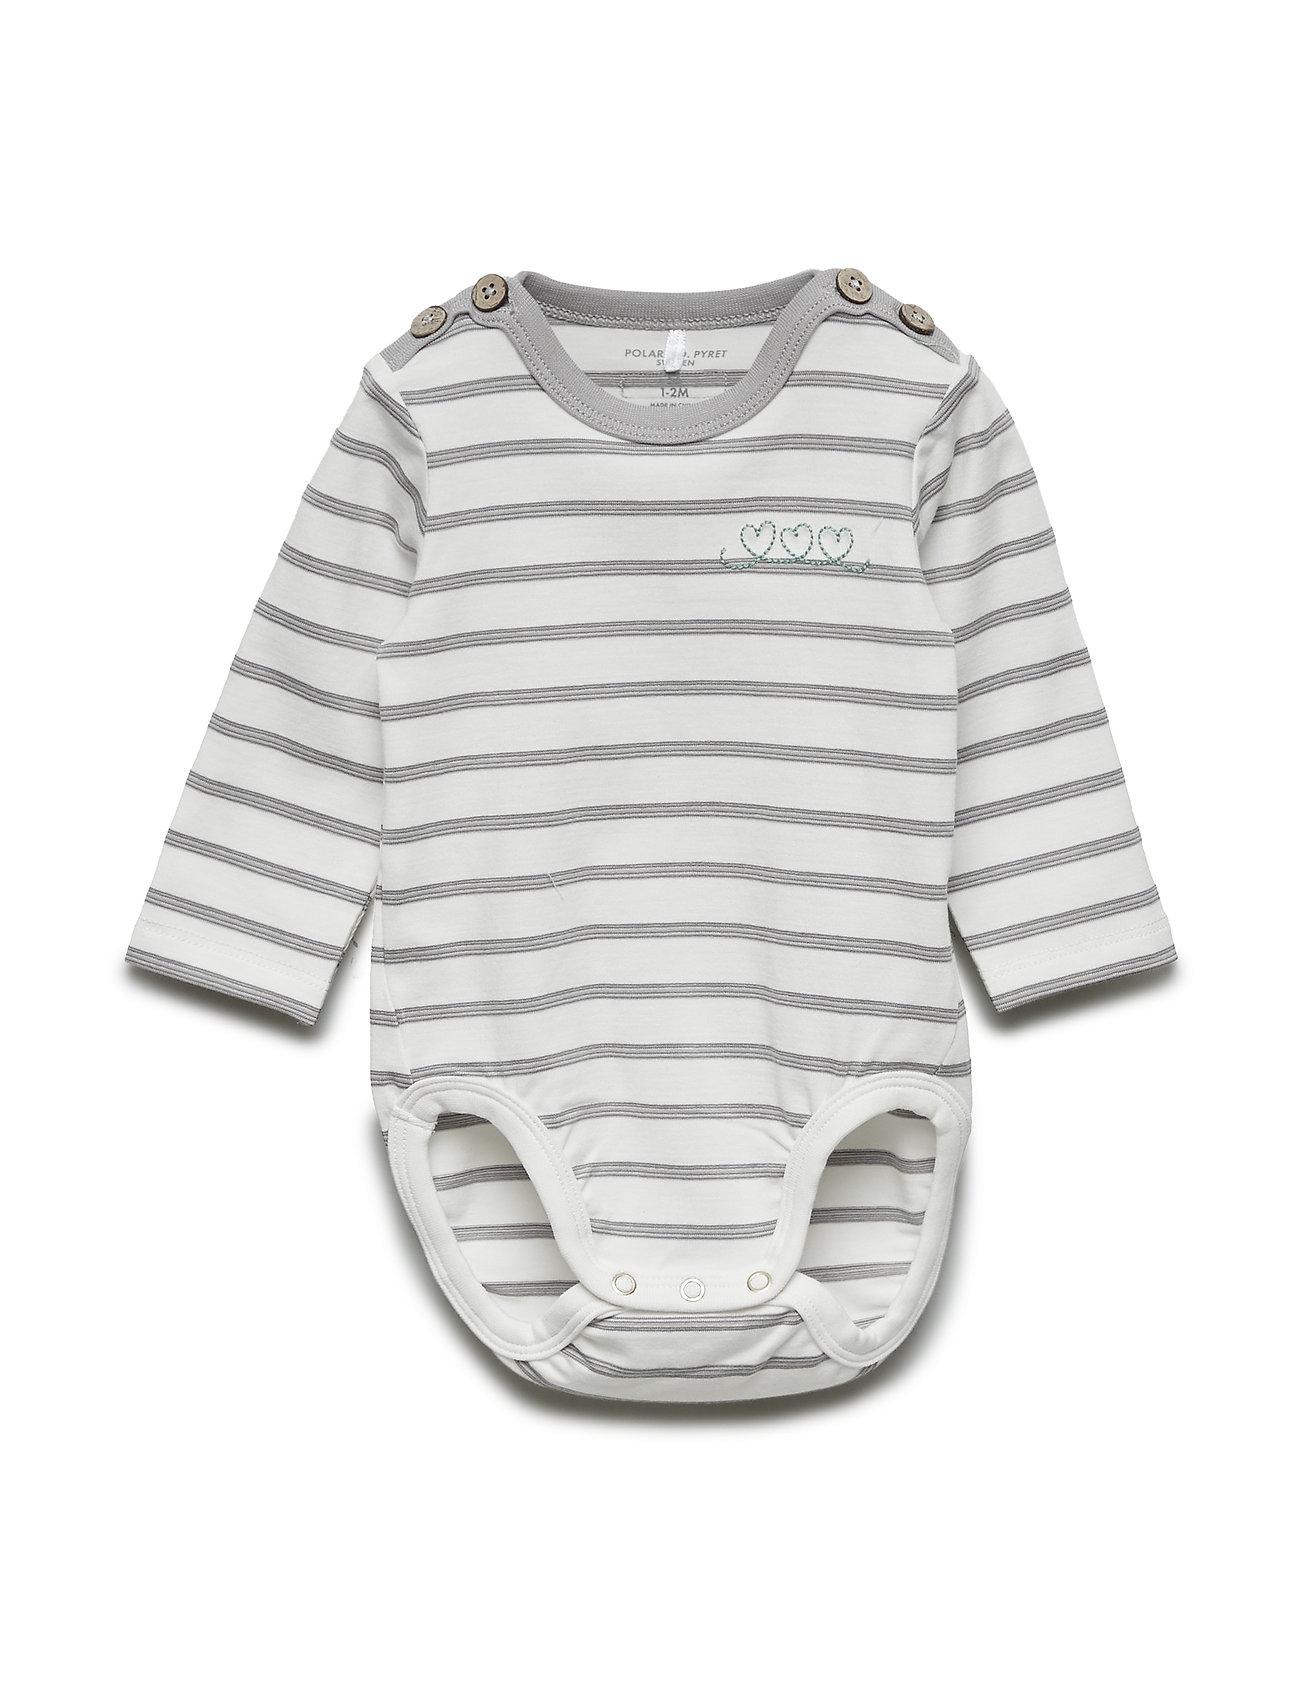 80d7aabb1185 Body Po.p Stripe Baby (Snow White) (17.18 €) - Polarn O. Pyret ...